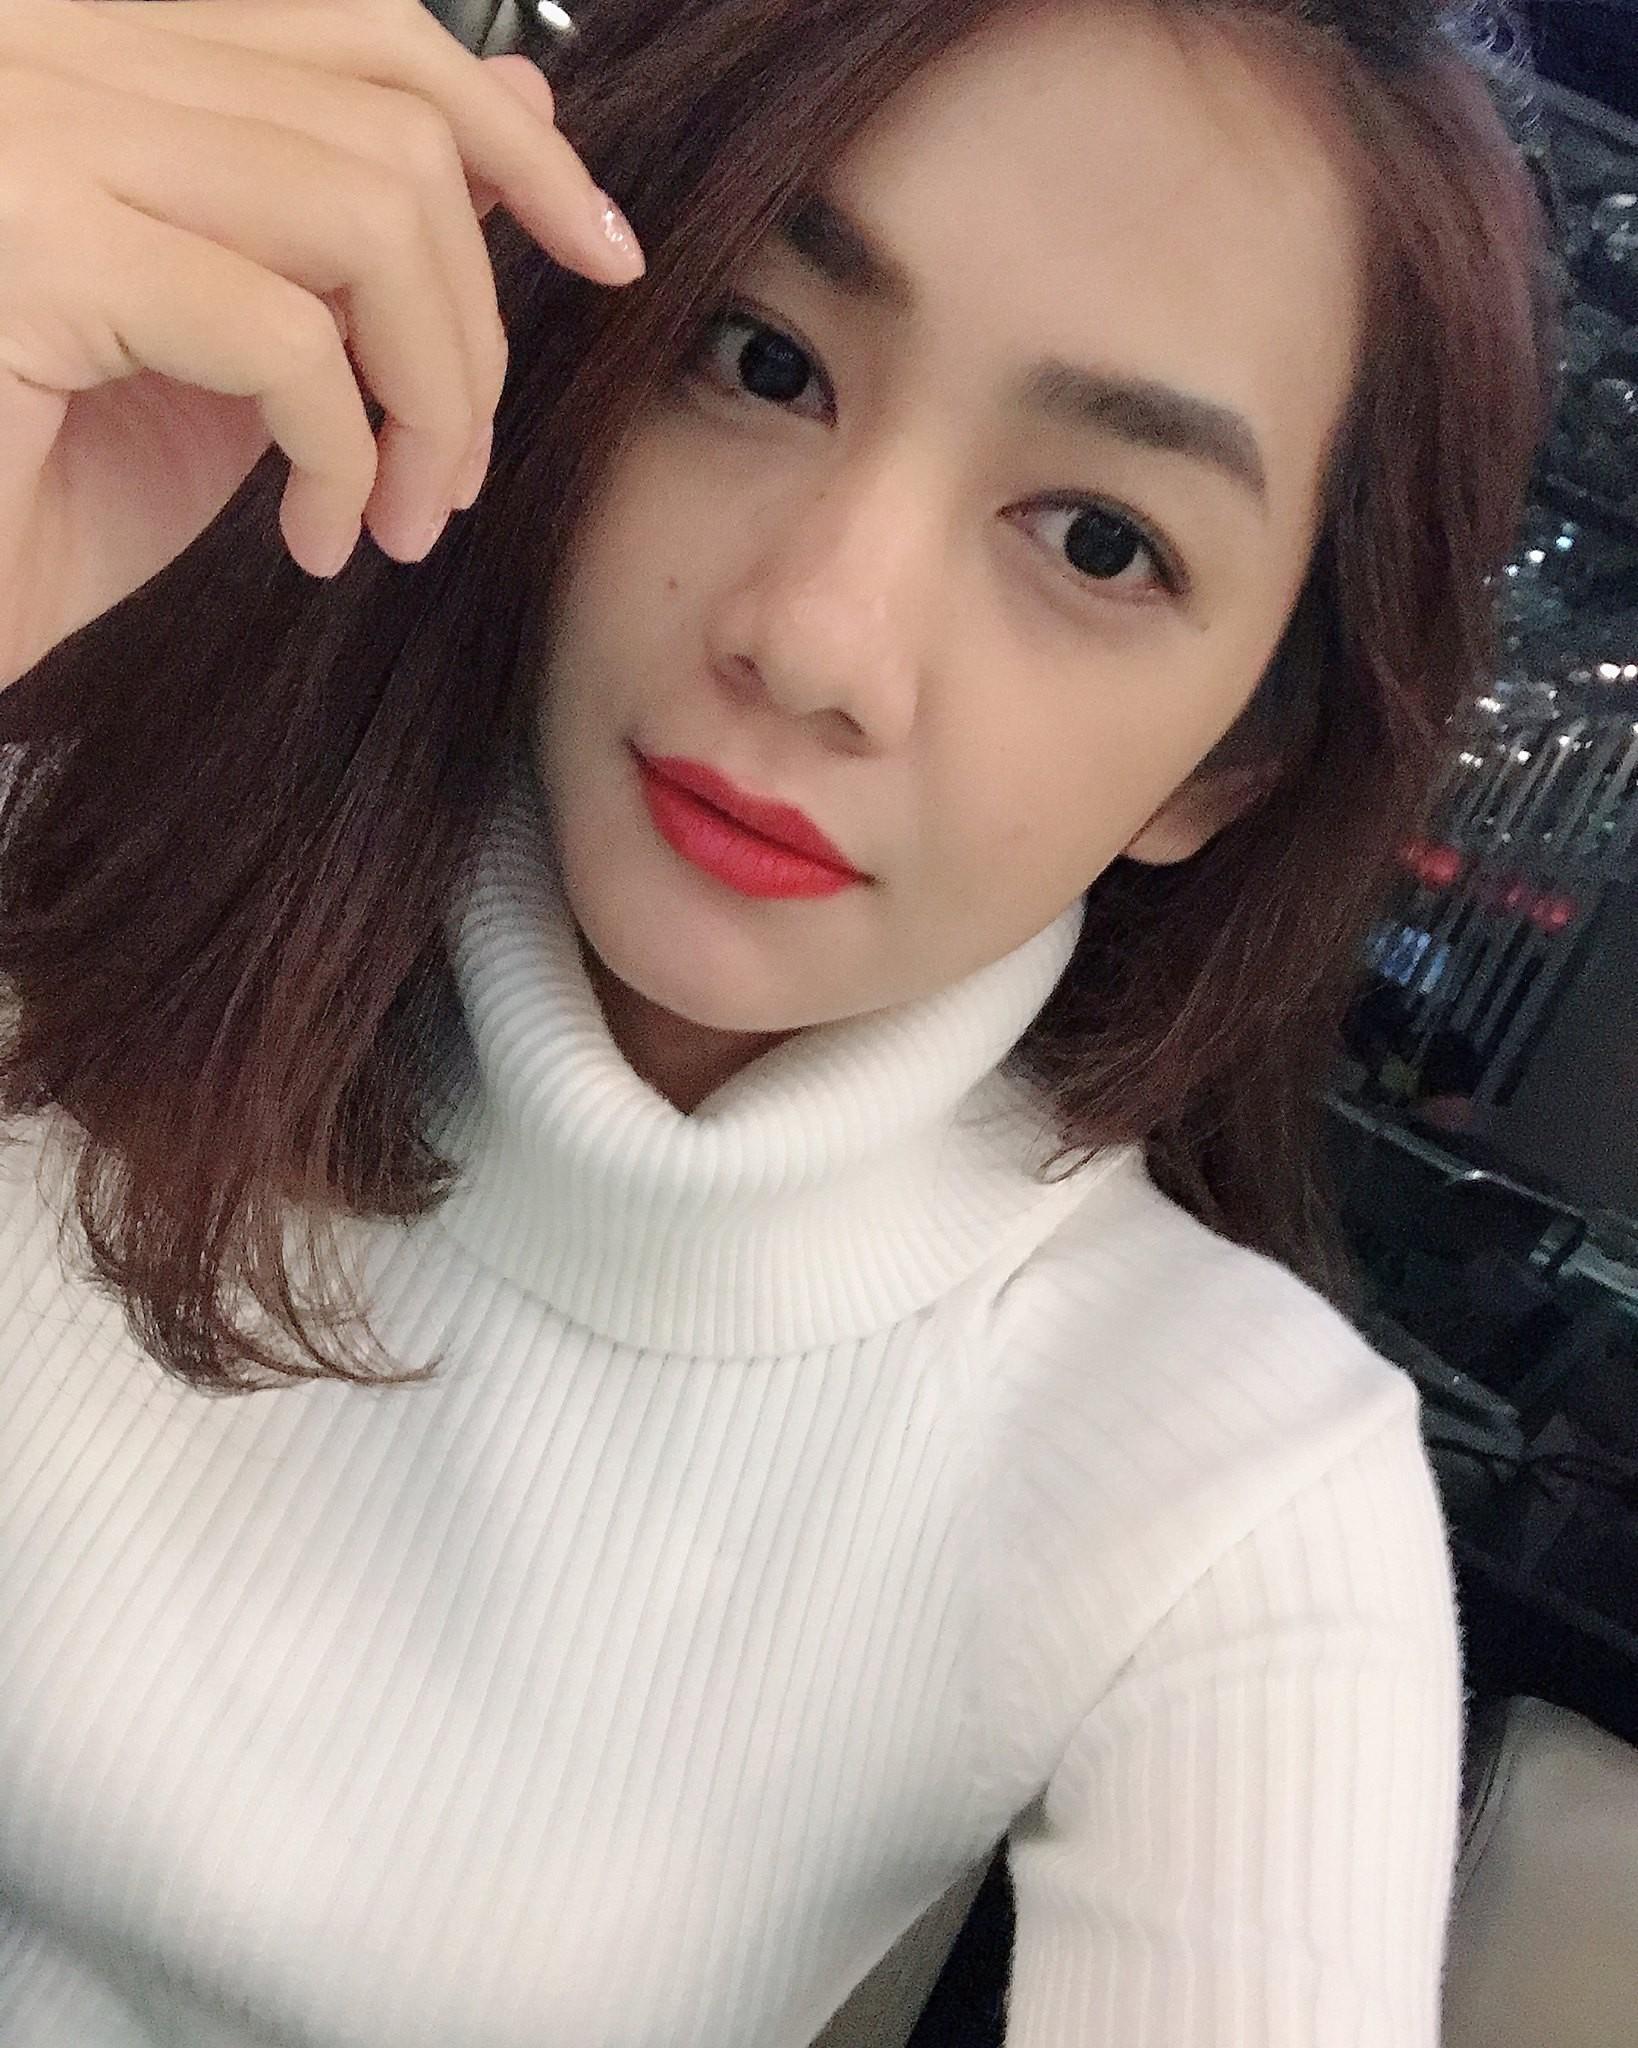 Cận cảnh nhan sắc chuẩn hotgirl của em dâu Minh Hằng - Ảnh 14.